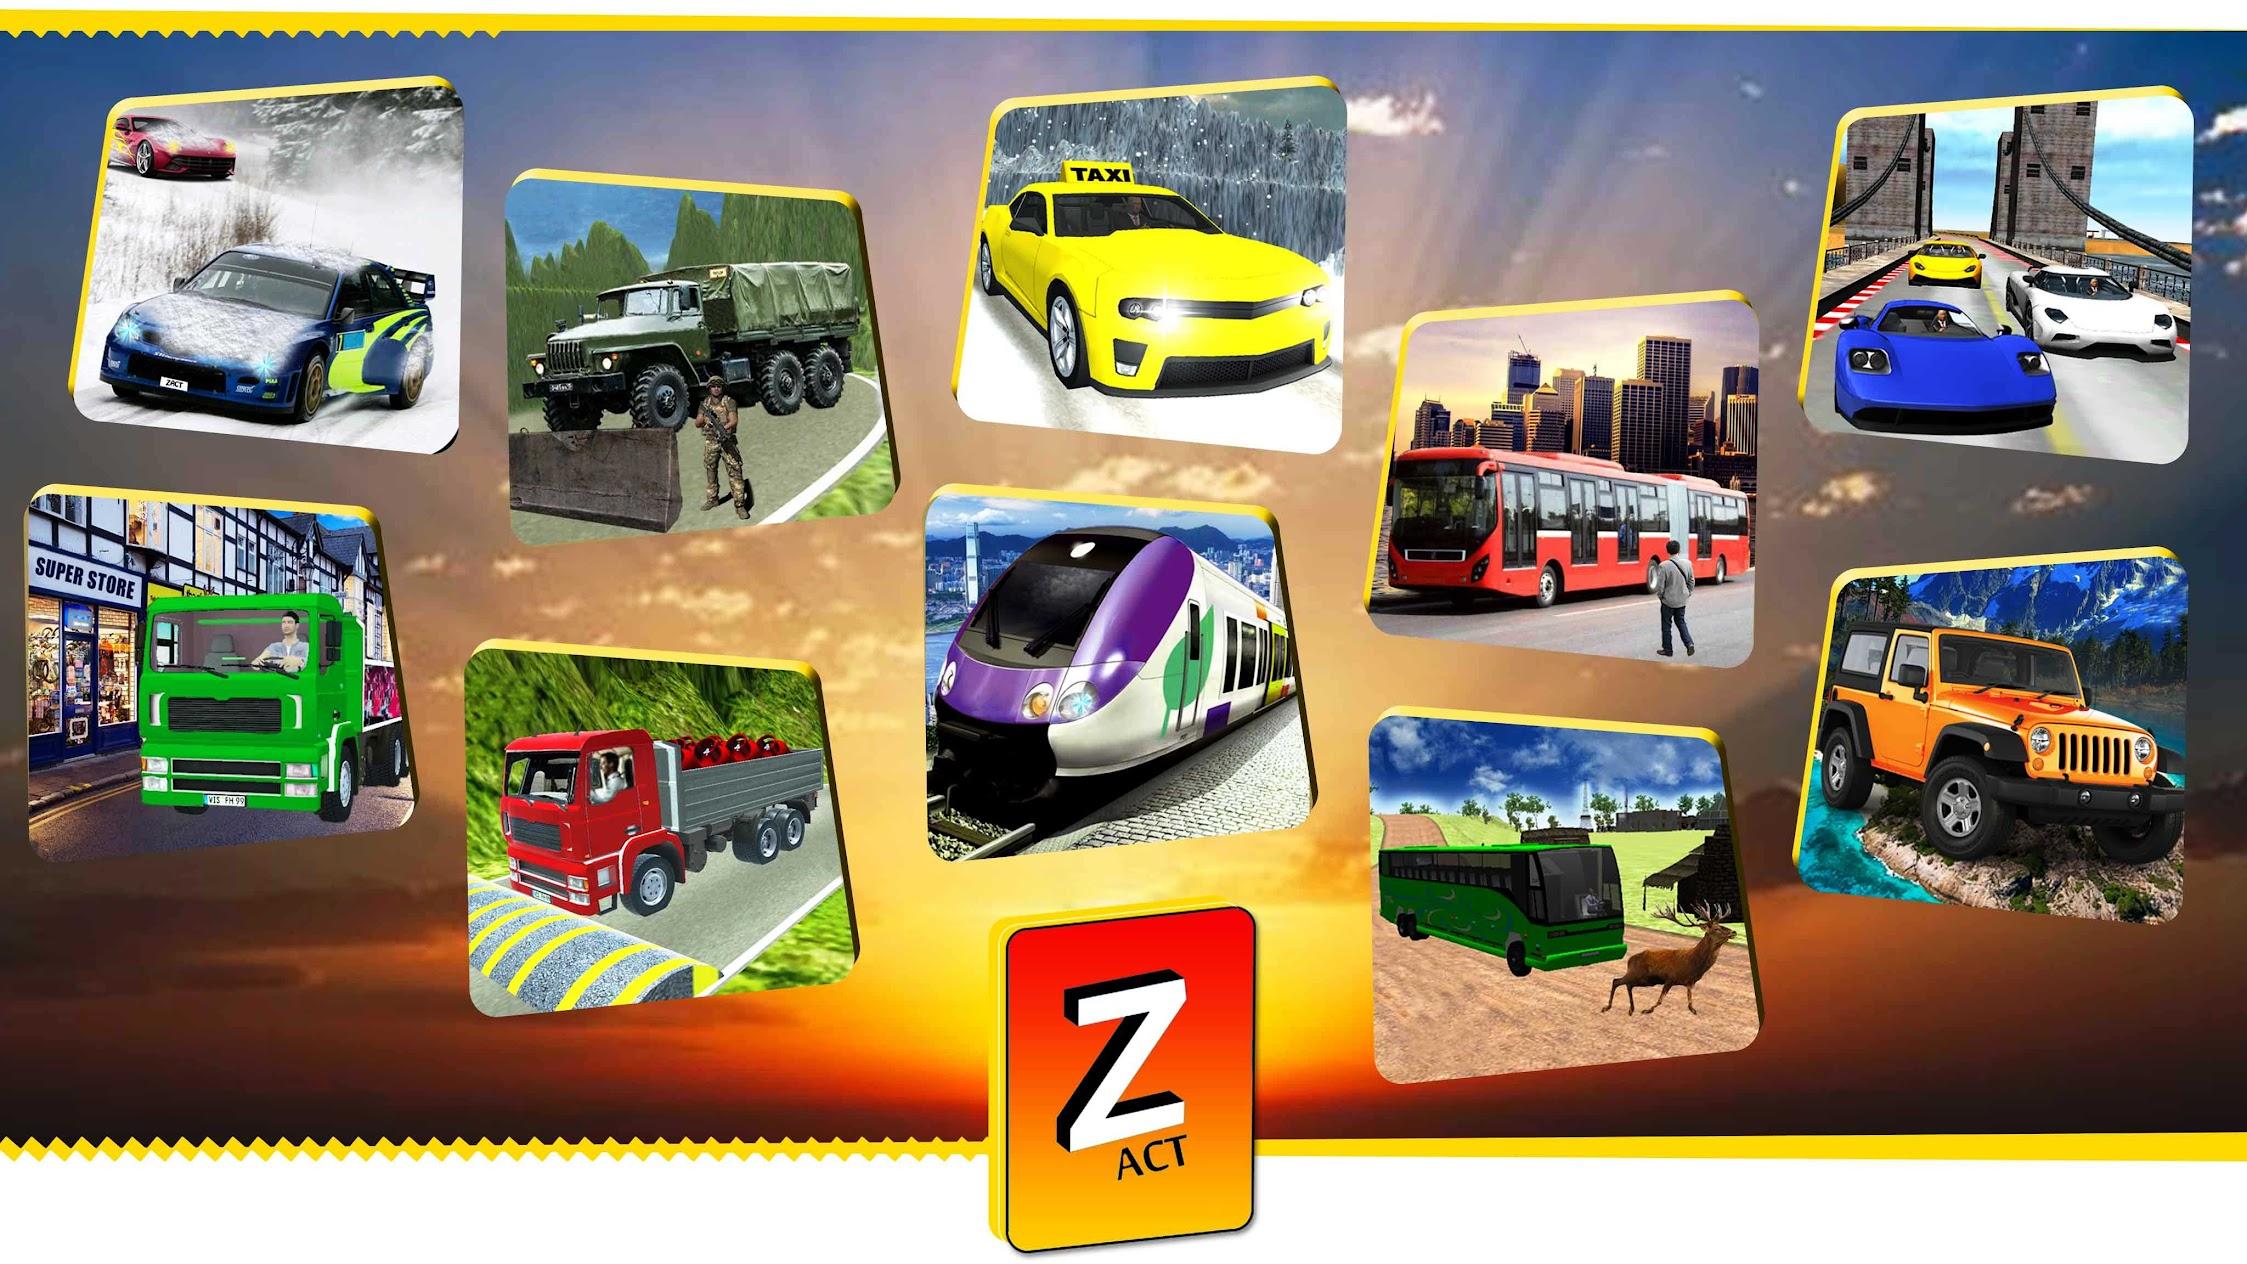 Zact Studio Games